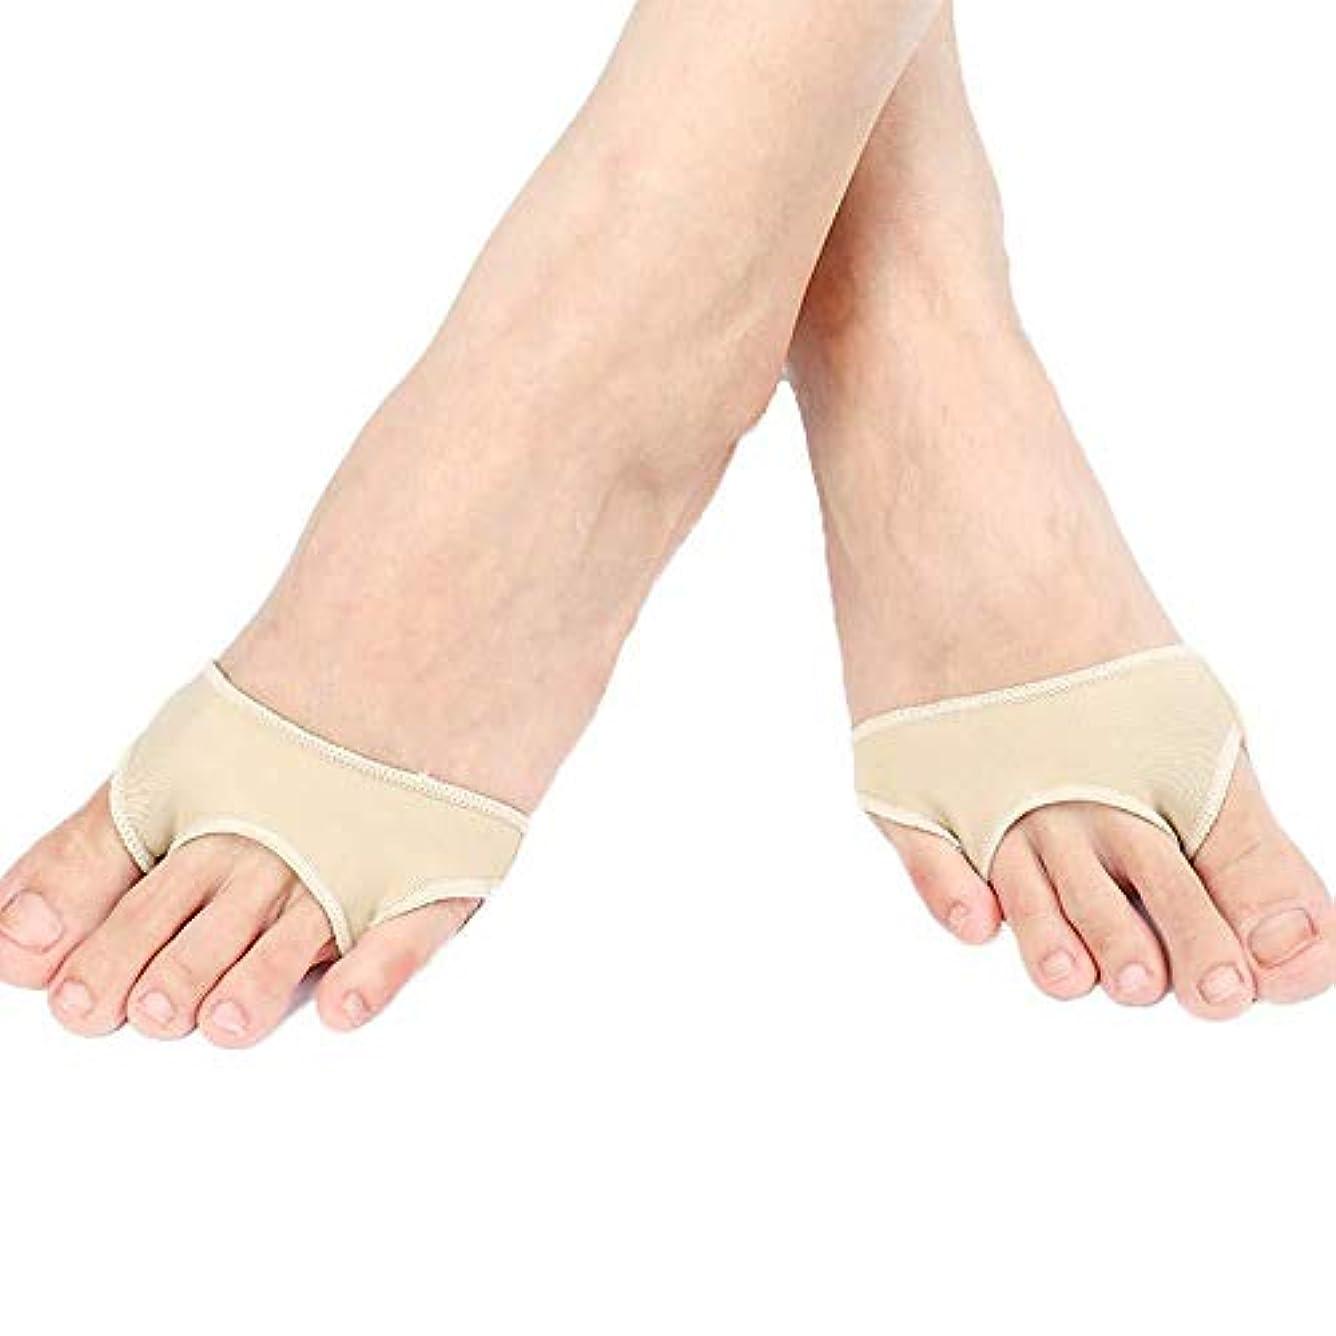 消費者インシデント豊富なつま先セパレーター、矯正足の親指矯正器、つま先の痛み、および外反母painの痛みの緩和のための内蔵シリコンジェルパッド,M